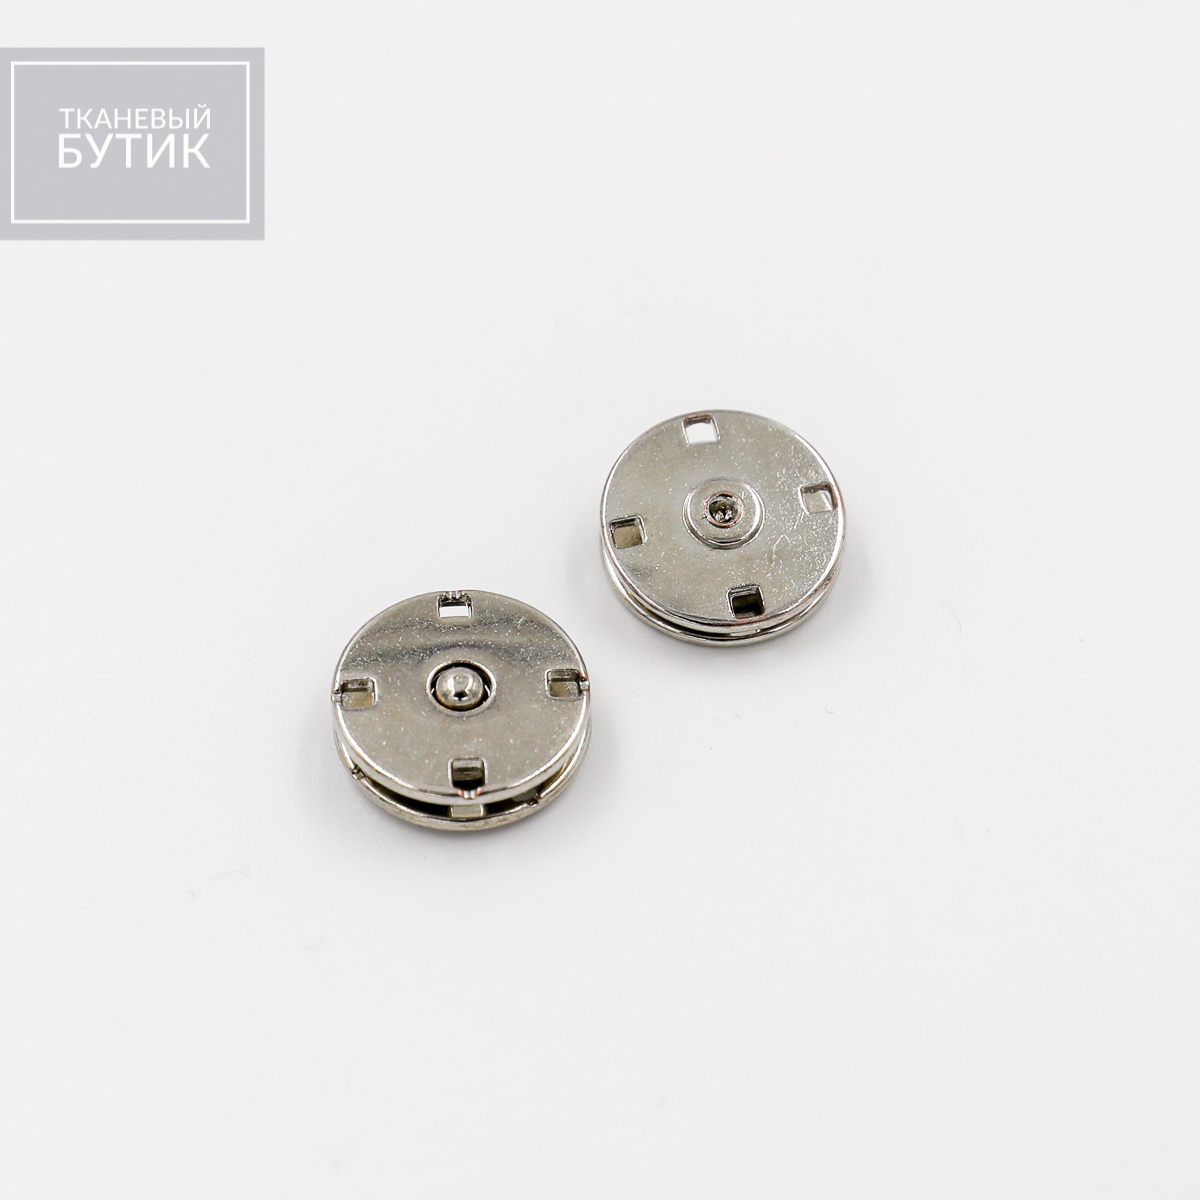 Пришивная кнопка из полированного металла